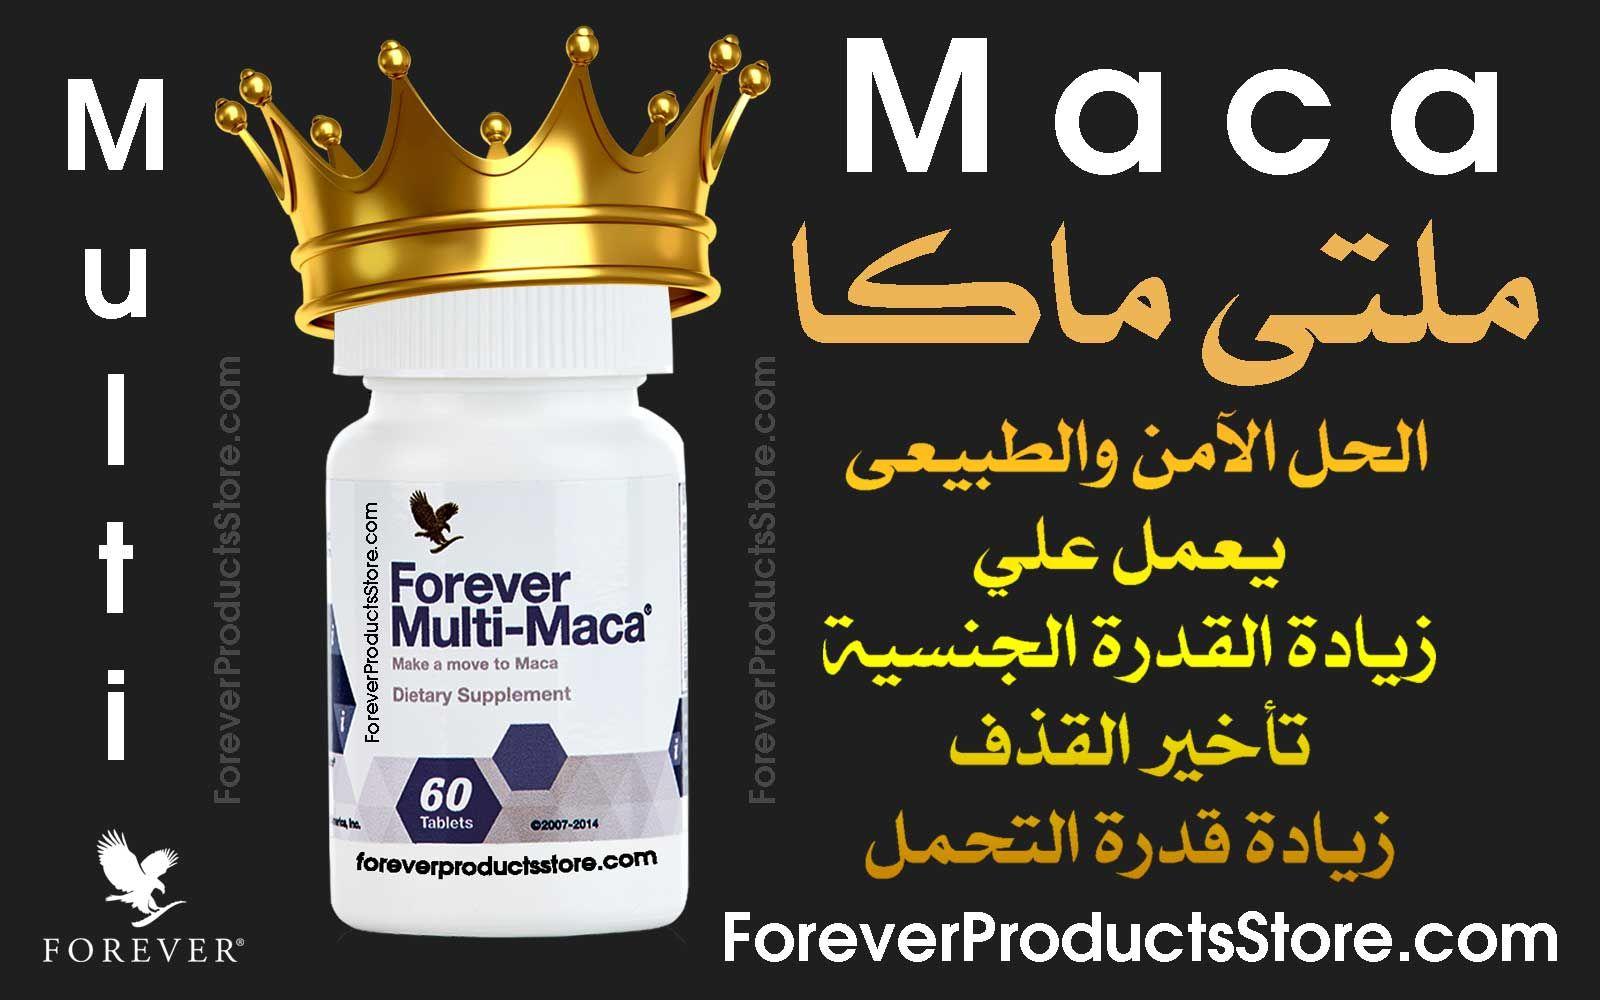 ملتي ماكا Multi Maca متجر منتجات فوريفر Multi Maca Maca Aloe Vera